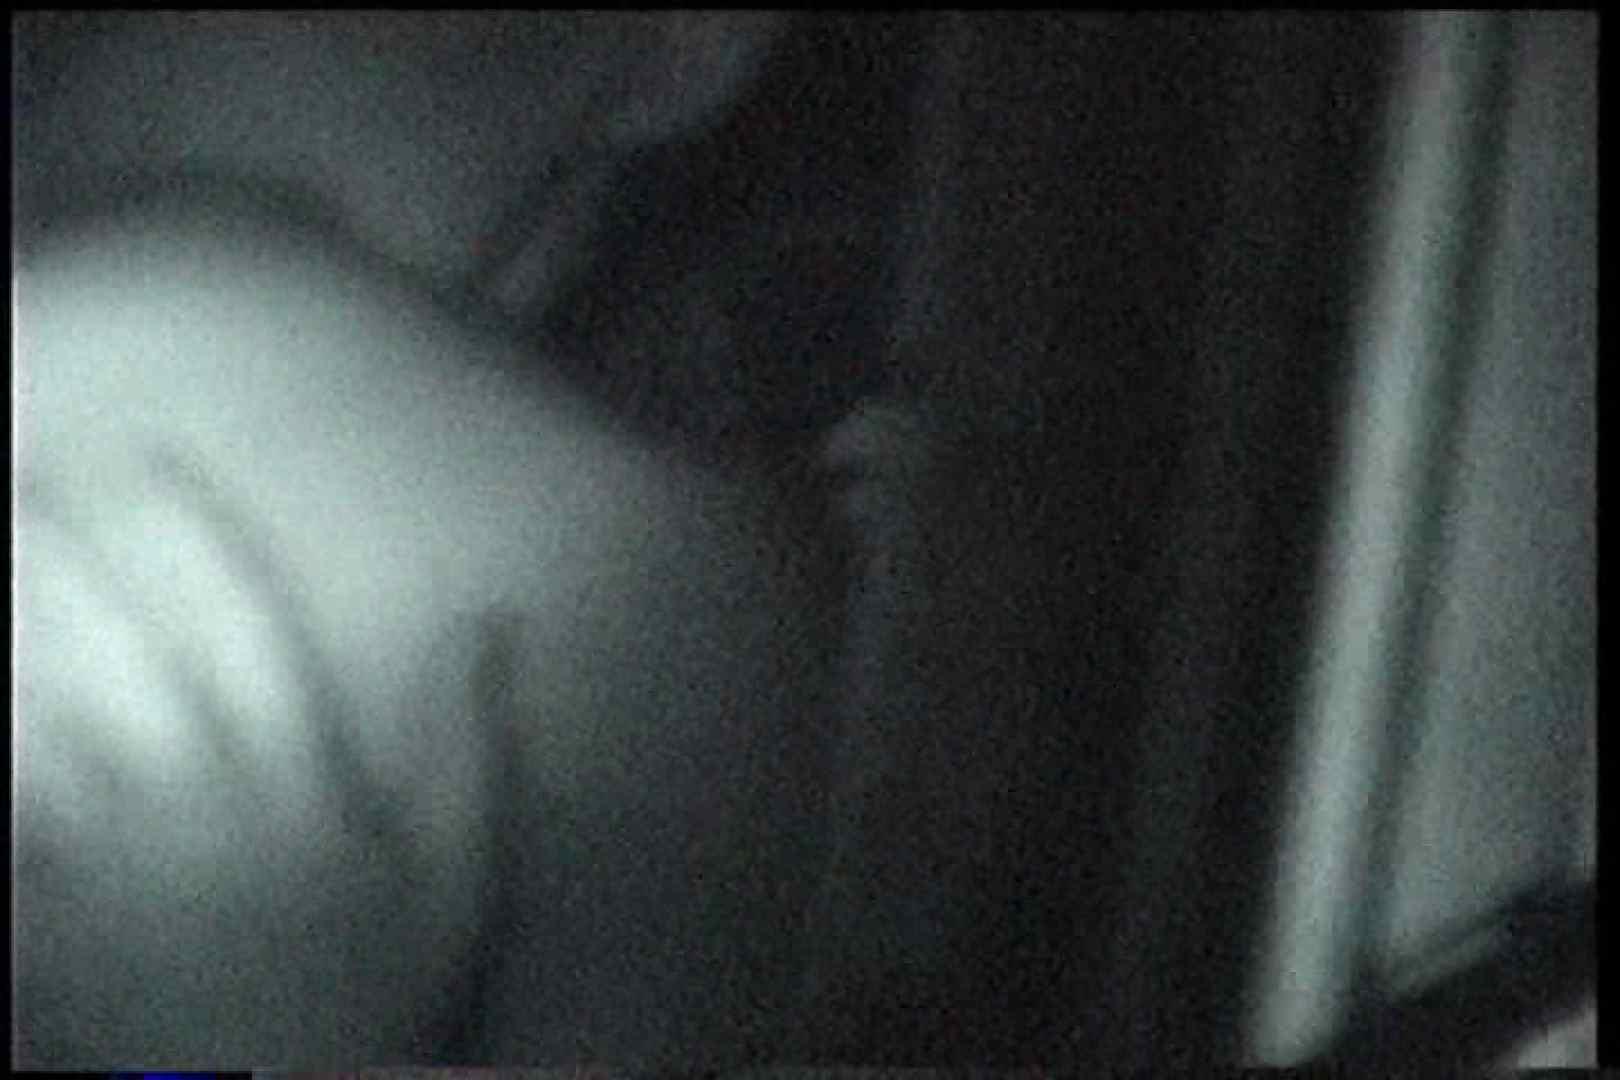 充血監督の深夜の運動会Vol.240 エロティックなOL | エッチなセックス  91画像 51